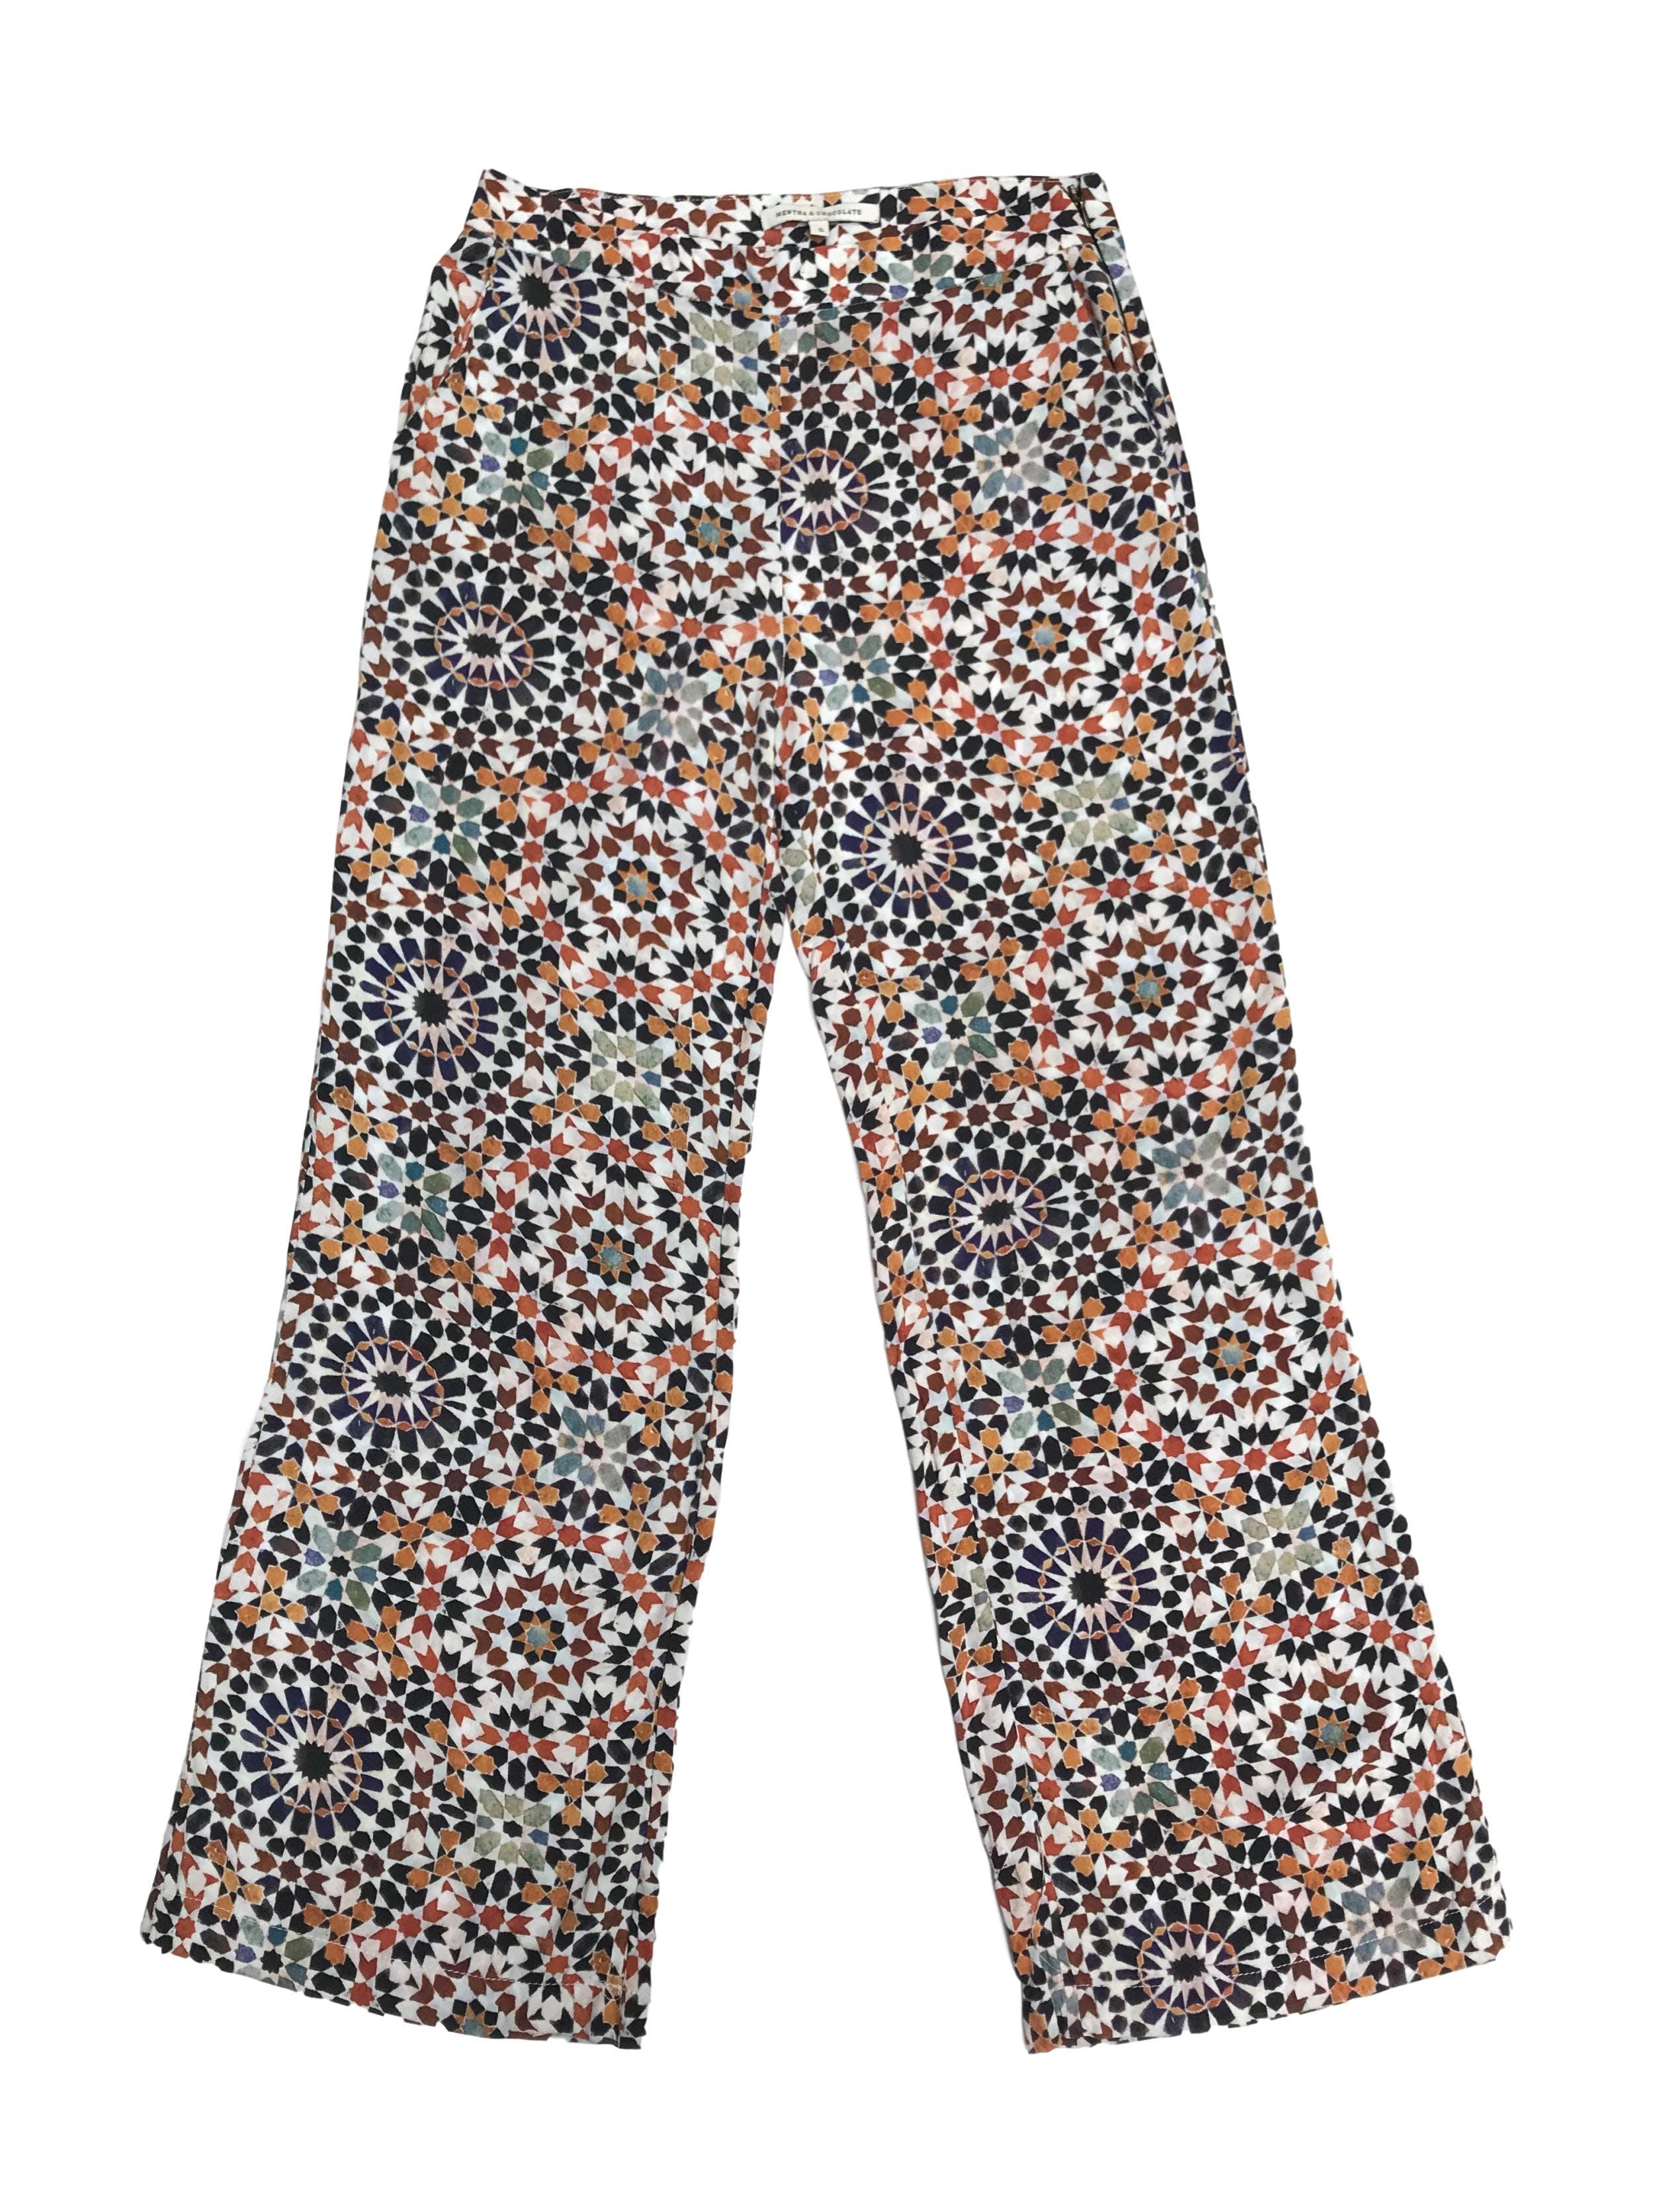 Pantalón Mentha&Chocolate a la cintura, tela fresca de viscosa crema con estampado en tonos cálidos, lleva cierre lateral y bolsillos. Cintura 74cm. Precio original S/ 170